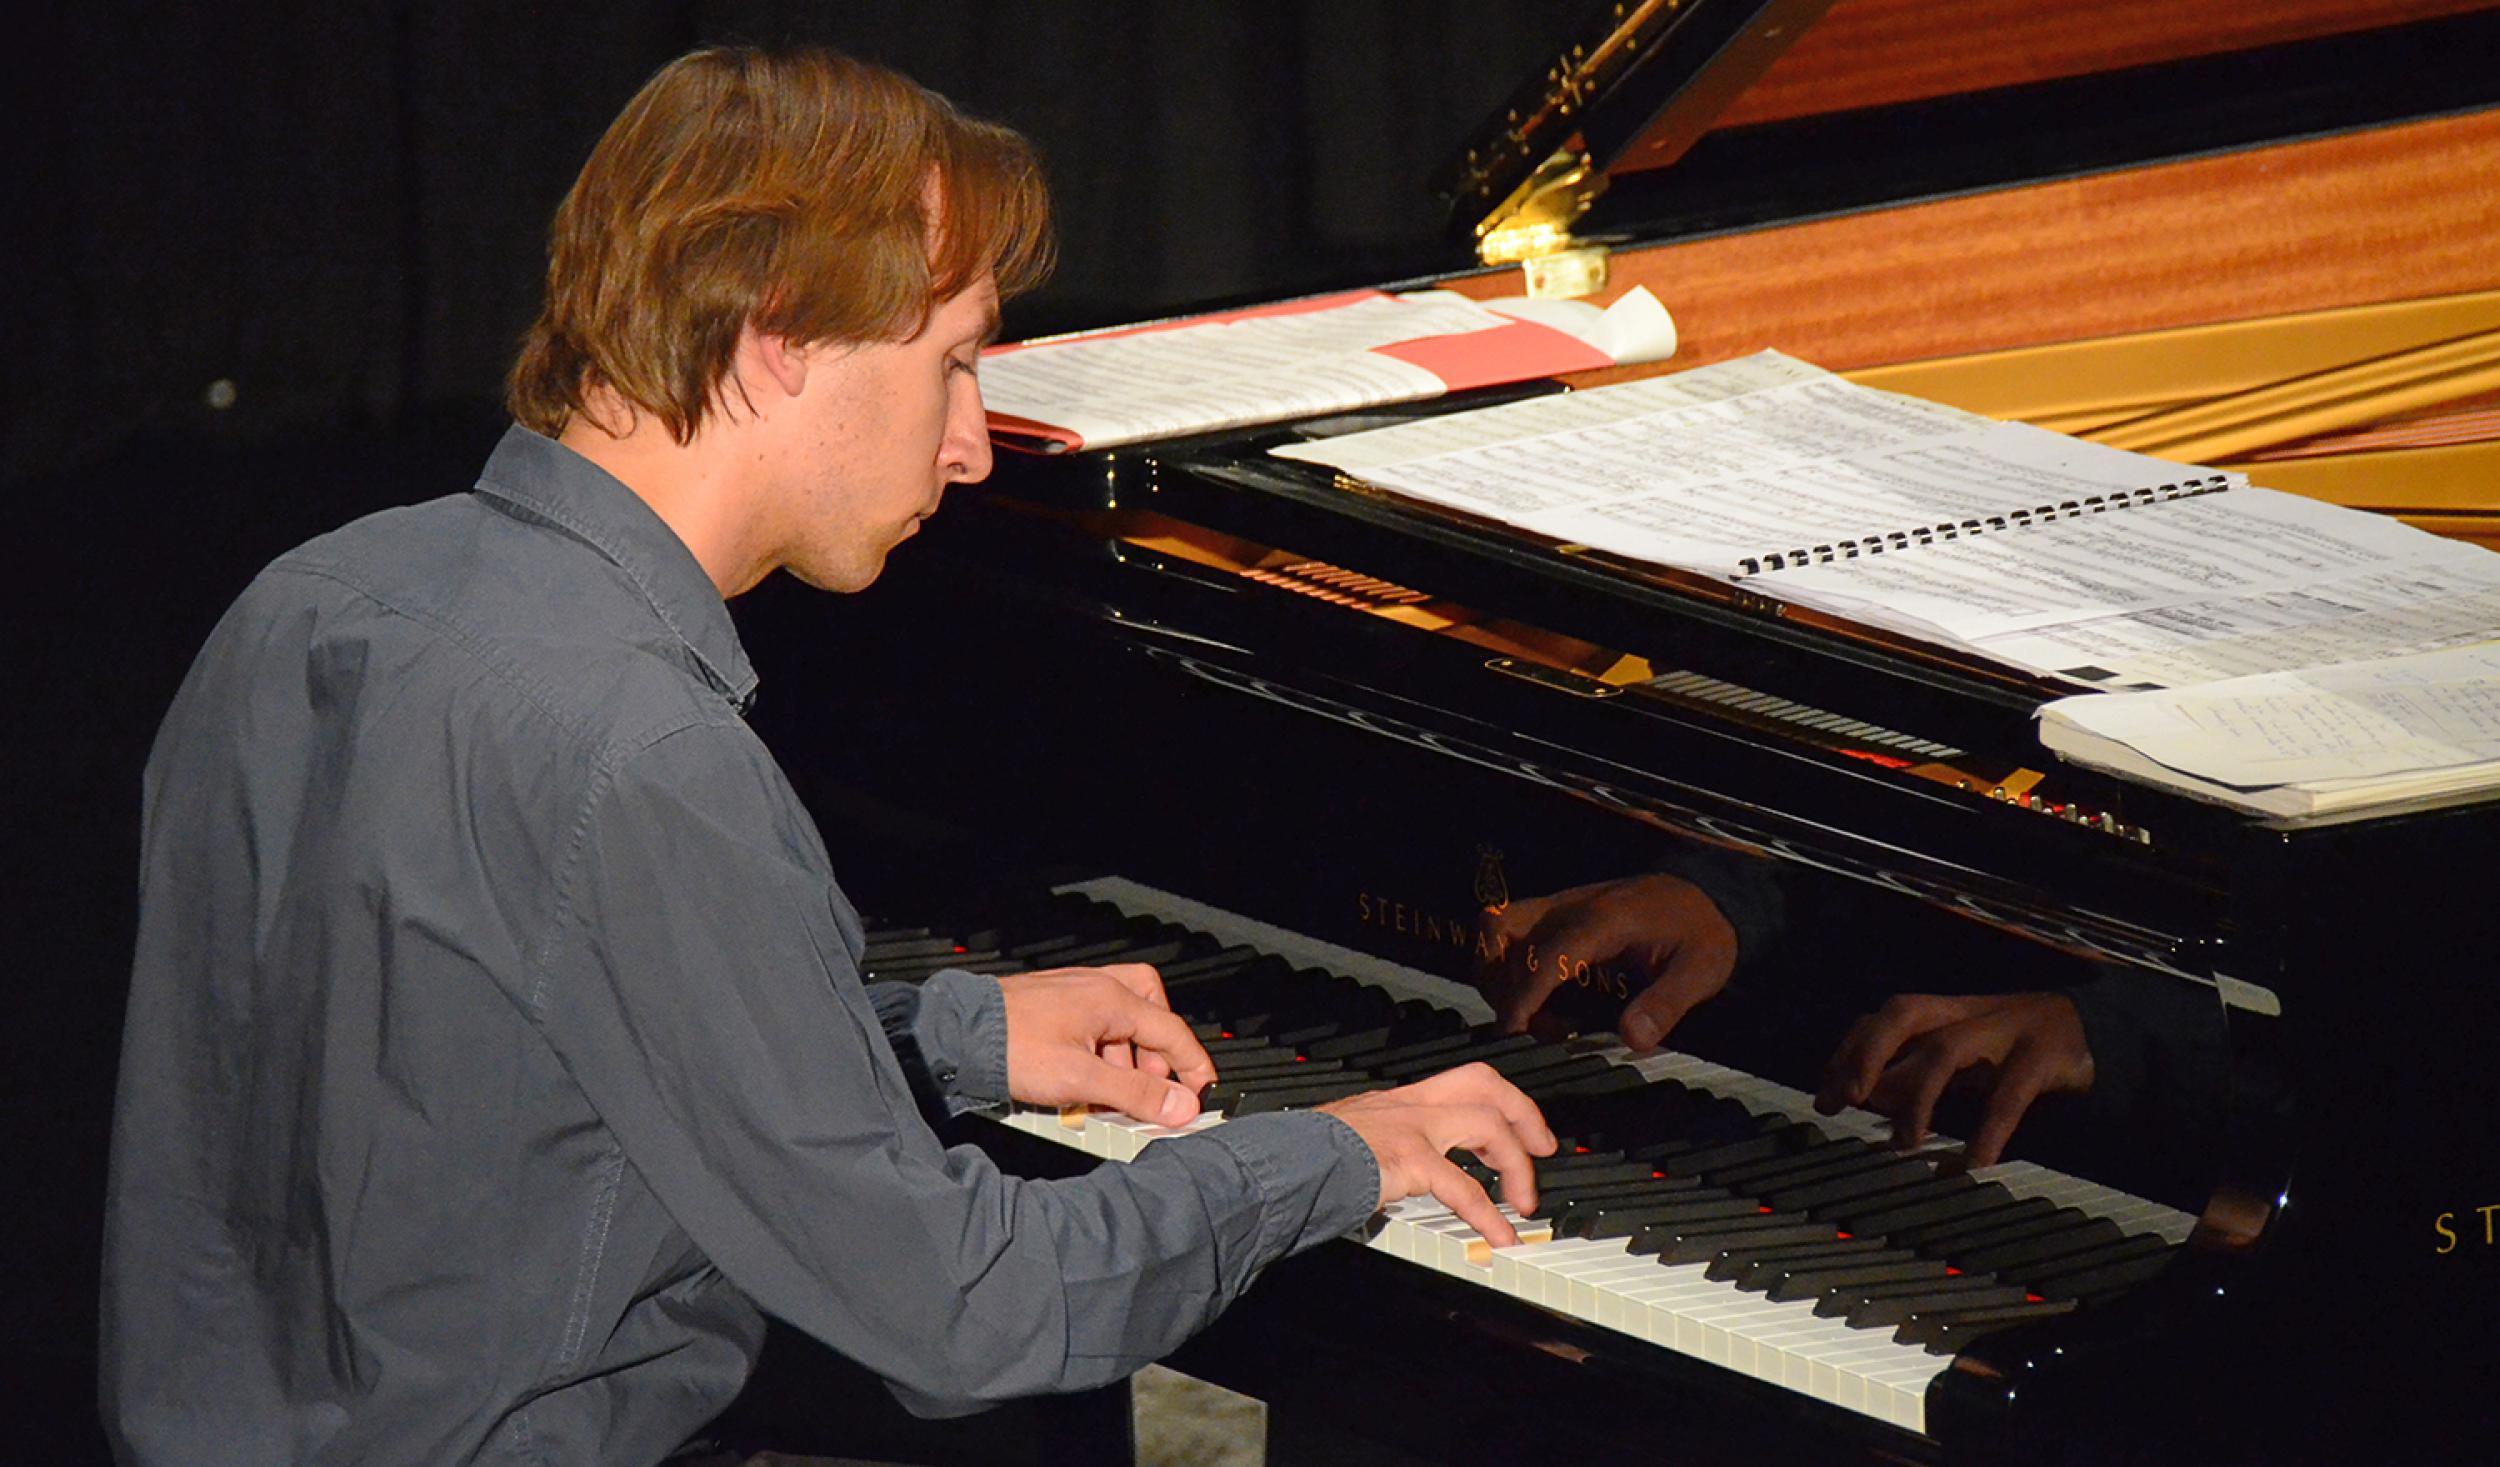 Mathieu Picard